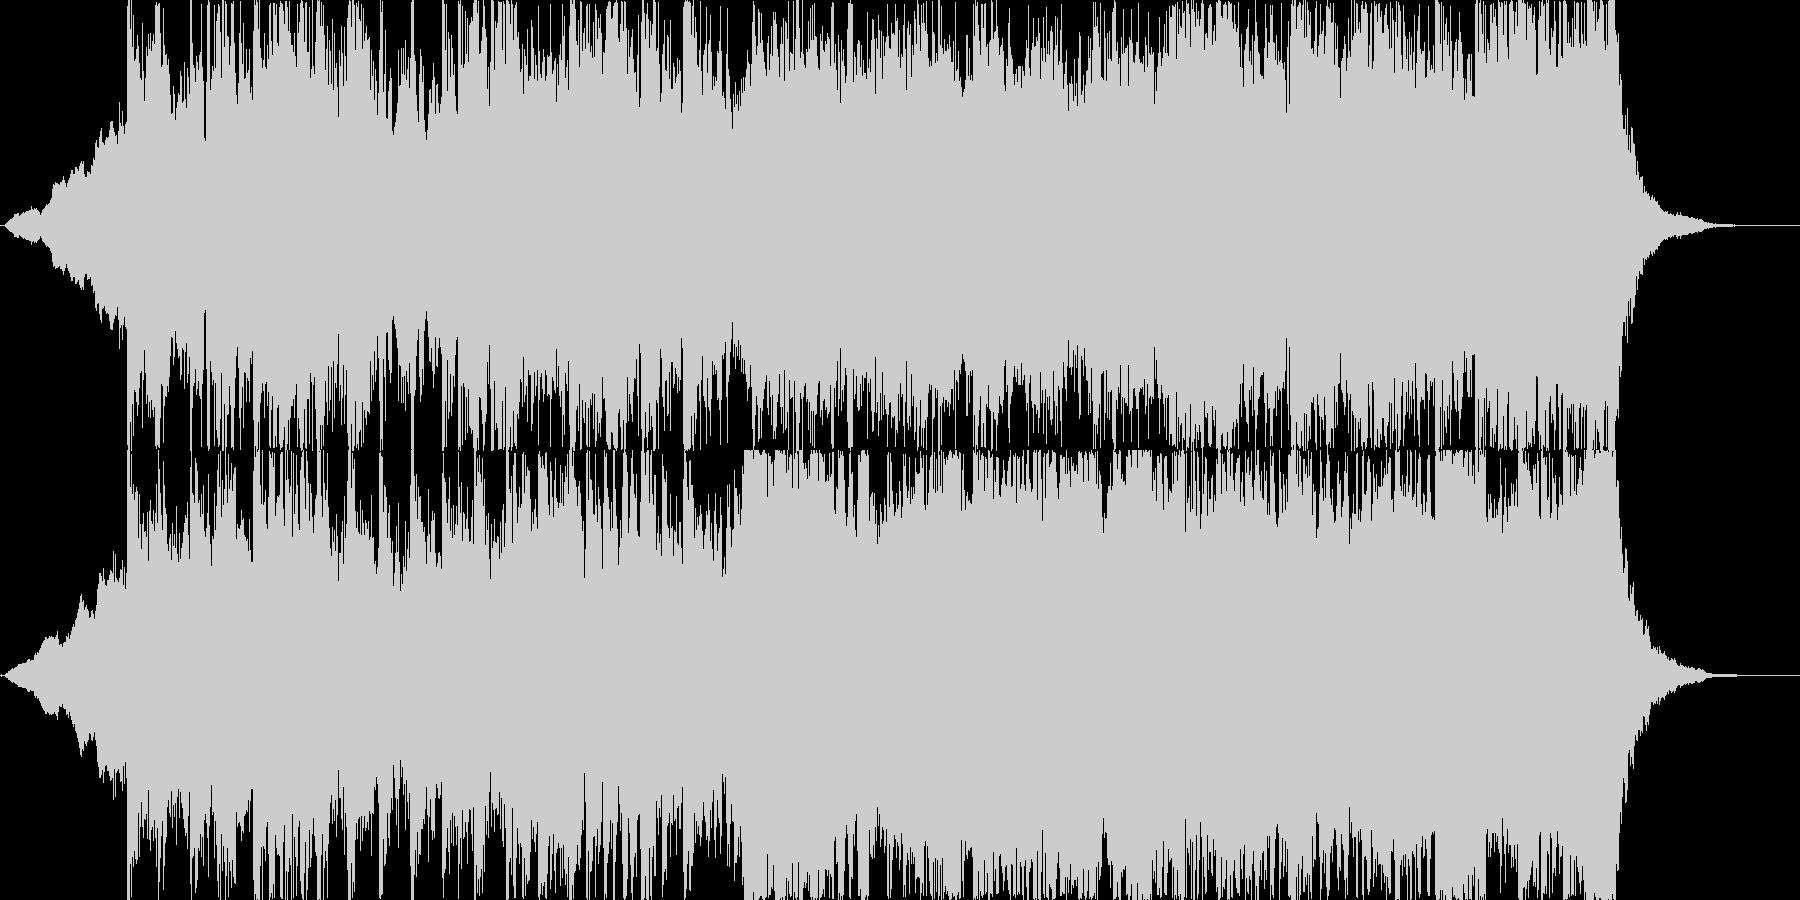 ポップな優しい感じのオーケストラの未再生の波形